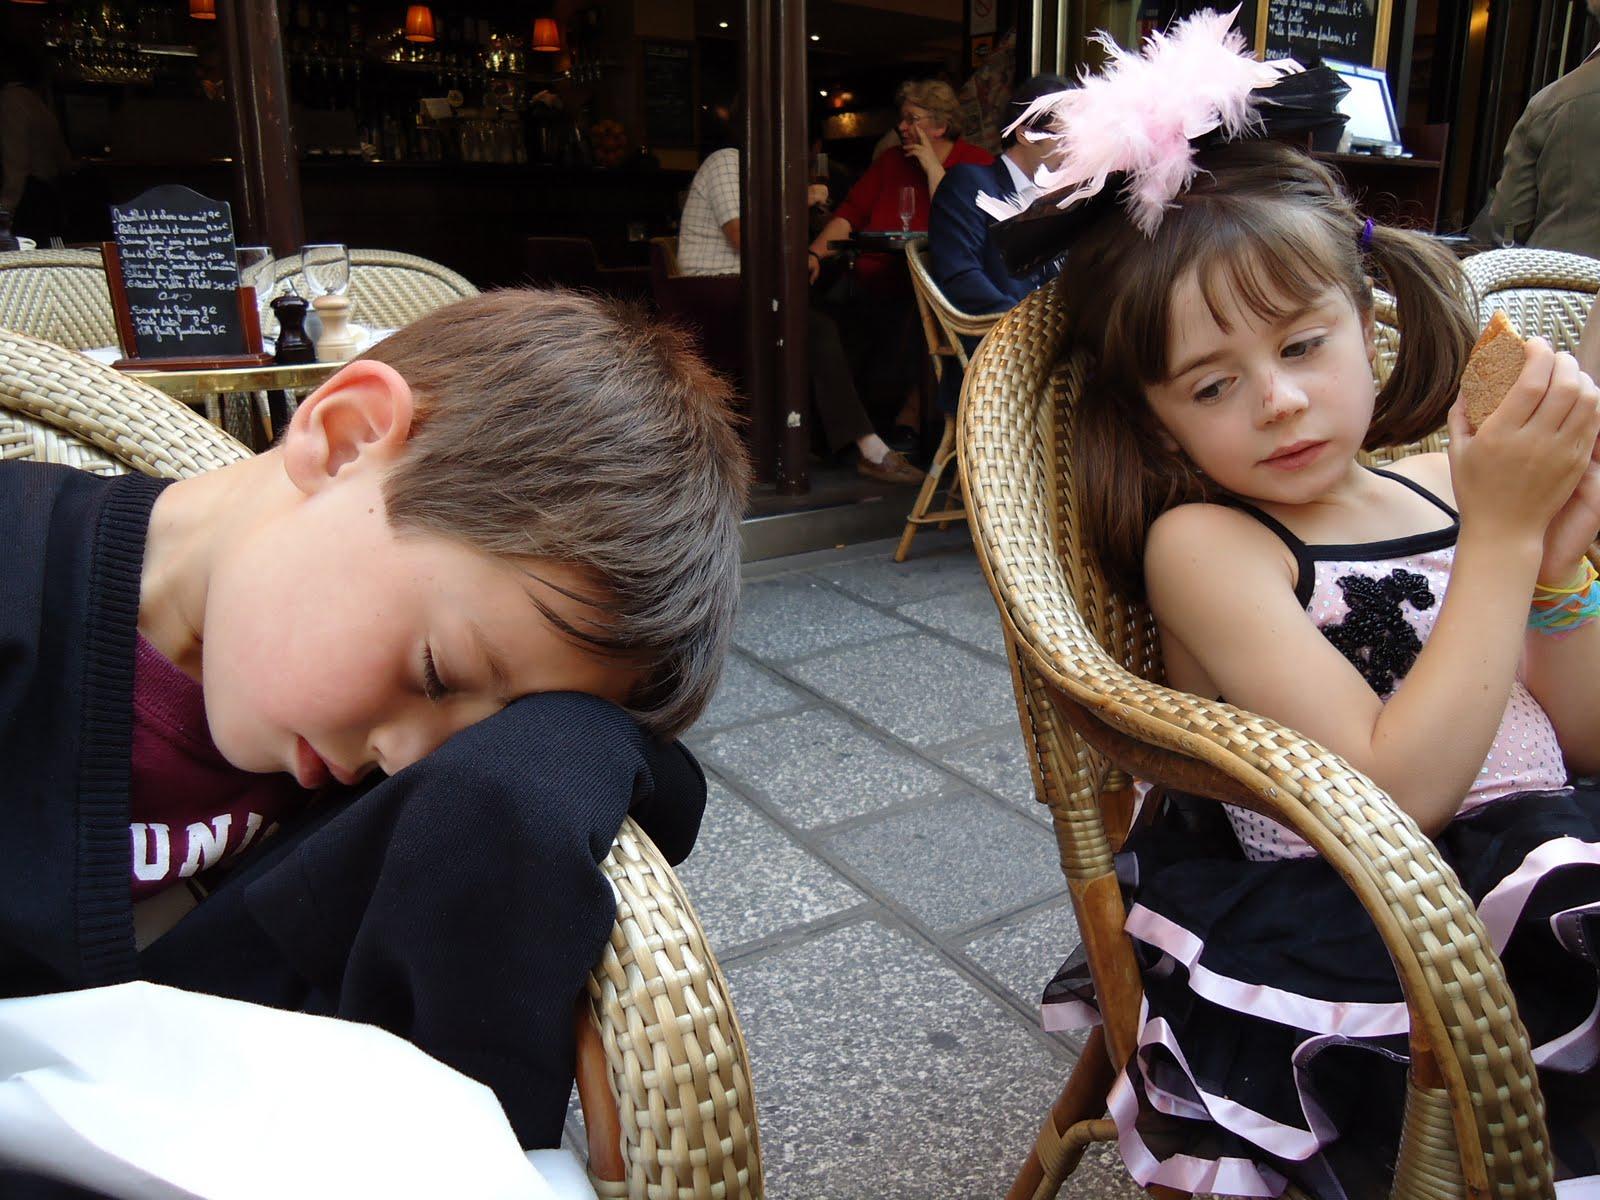 http://3.bp.blogspot.com/_KbCq249iKCg/TIiBRi6CigI/AAAAAAAAAMU/5Xepztgyuhs/s1600/13+Finn+snoozes,+Fi+at+lunch.JPG